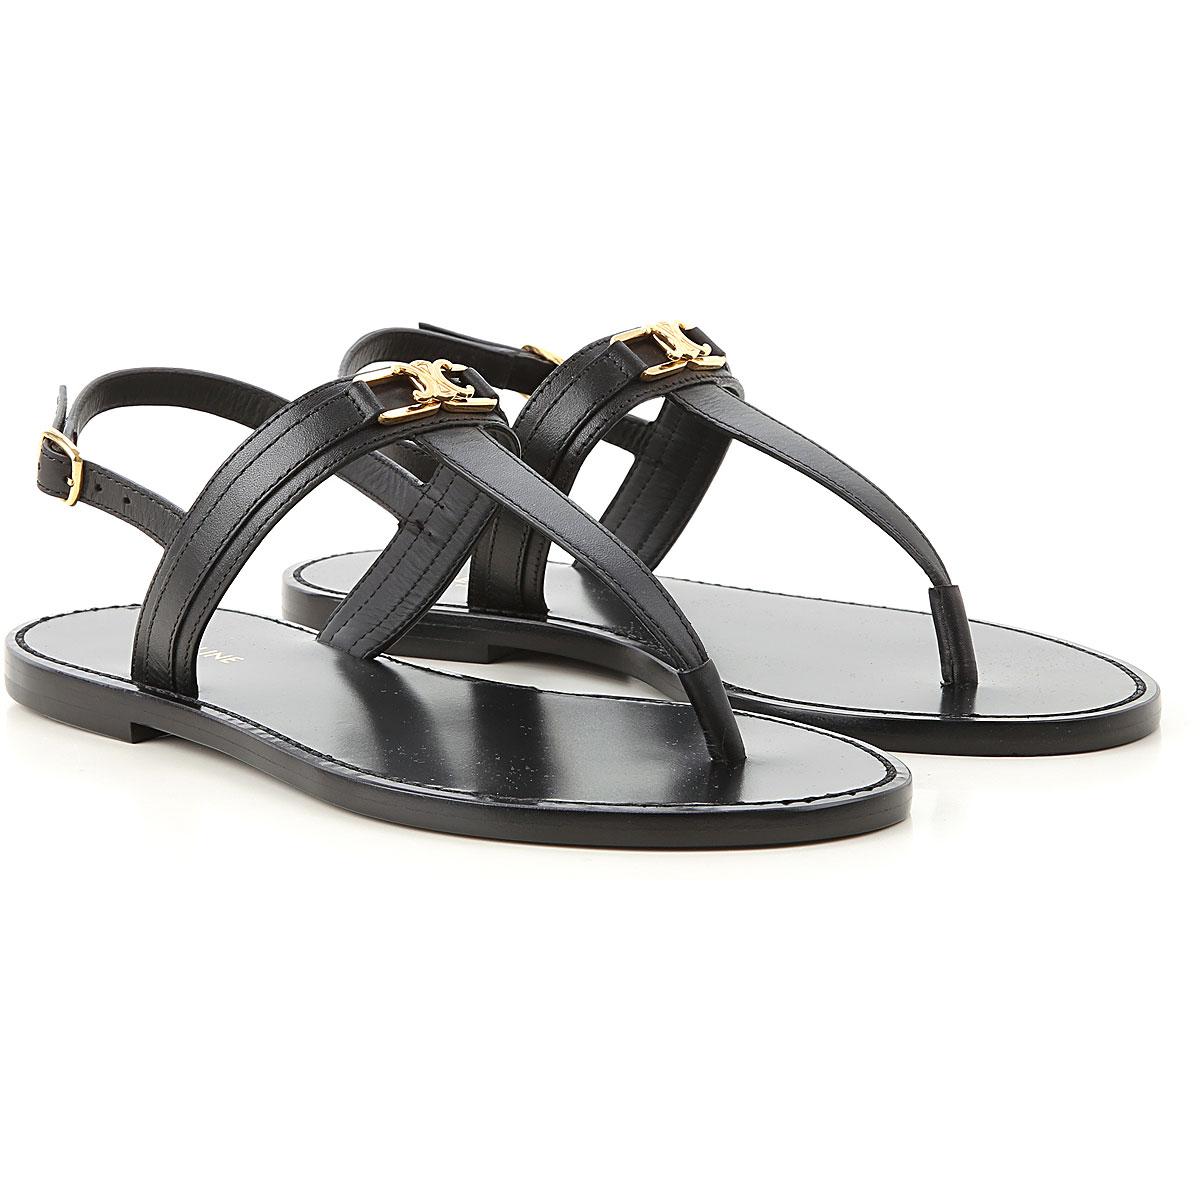 Celine Sandals for Women On Sale, Black, Leather, 2019, 10 6.5 8